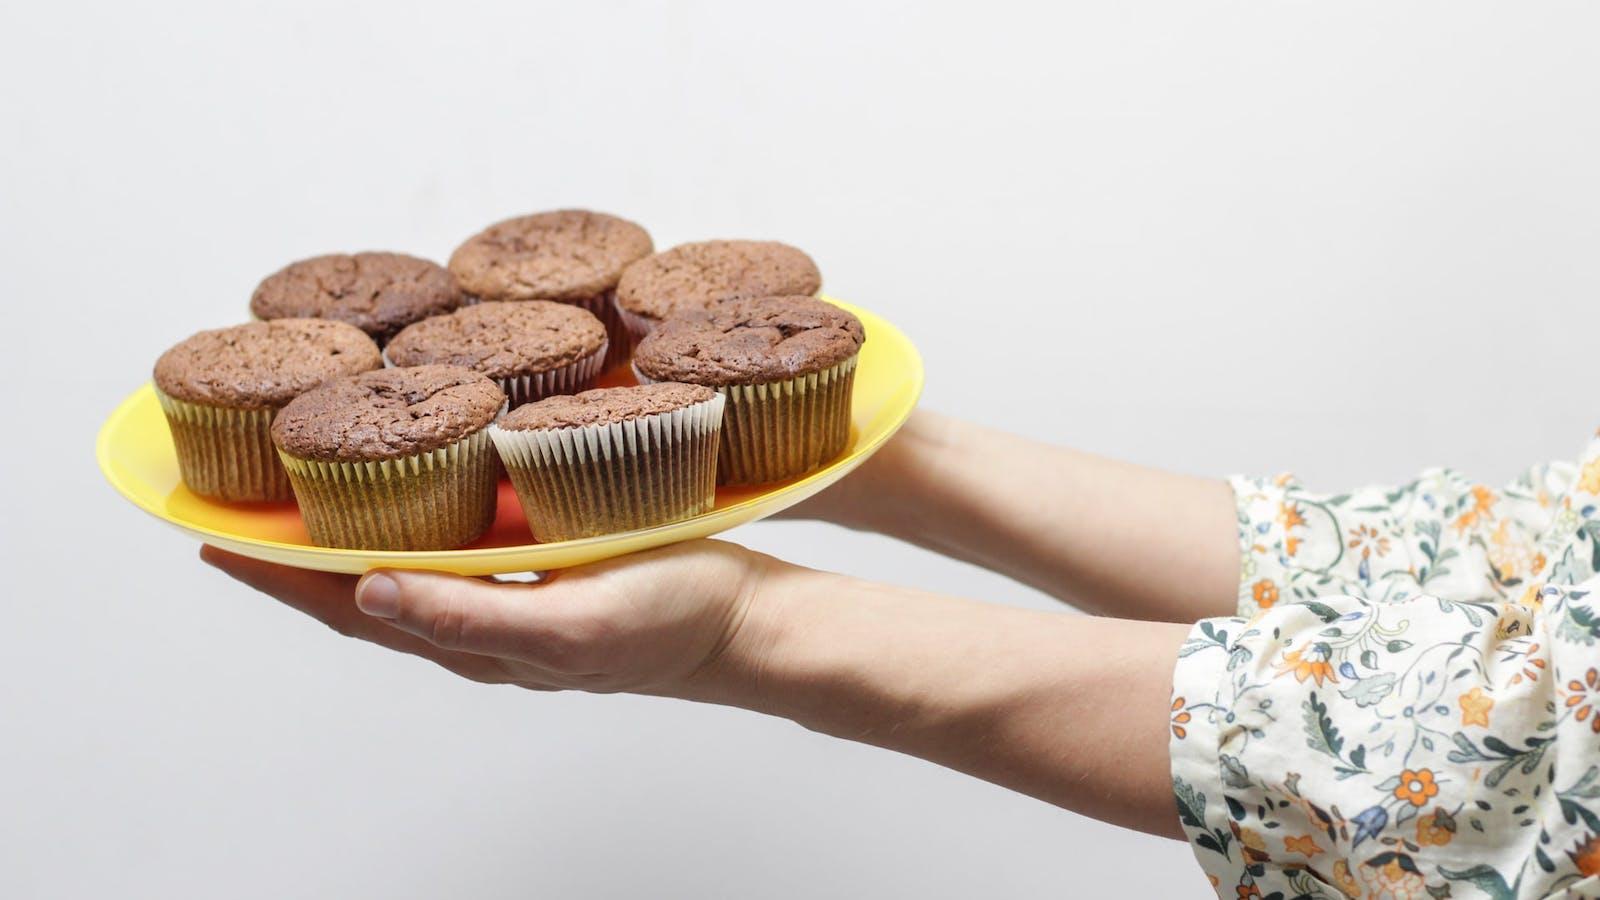 Bras tendus présentant une assiette de 8 muffins au chocolat